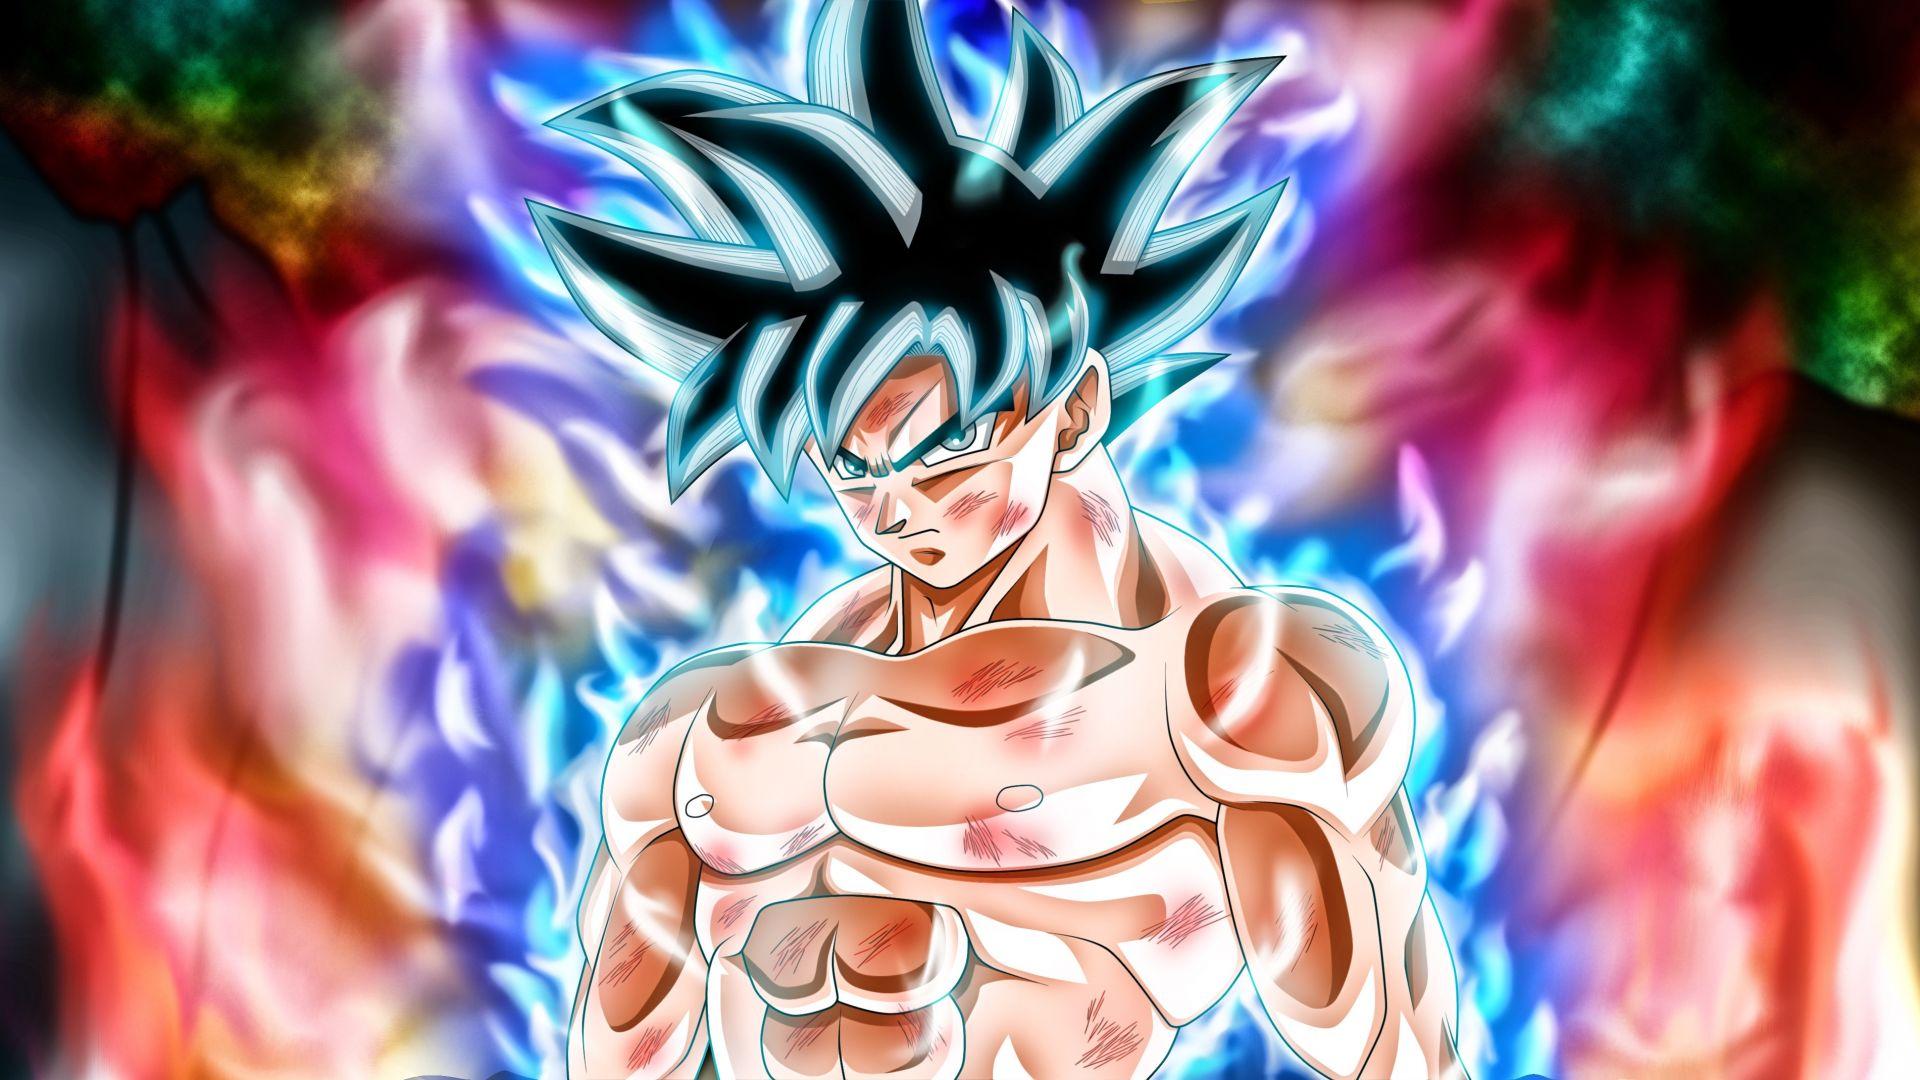 Wallpaper Goku, anime, anger, dragon ball super